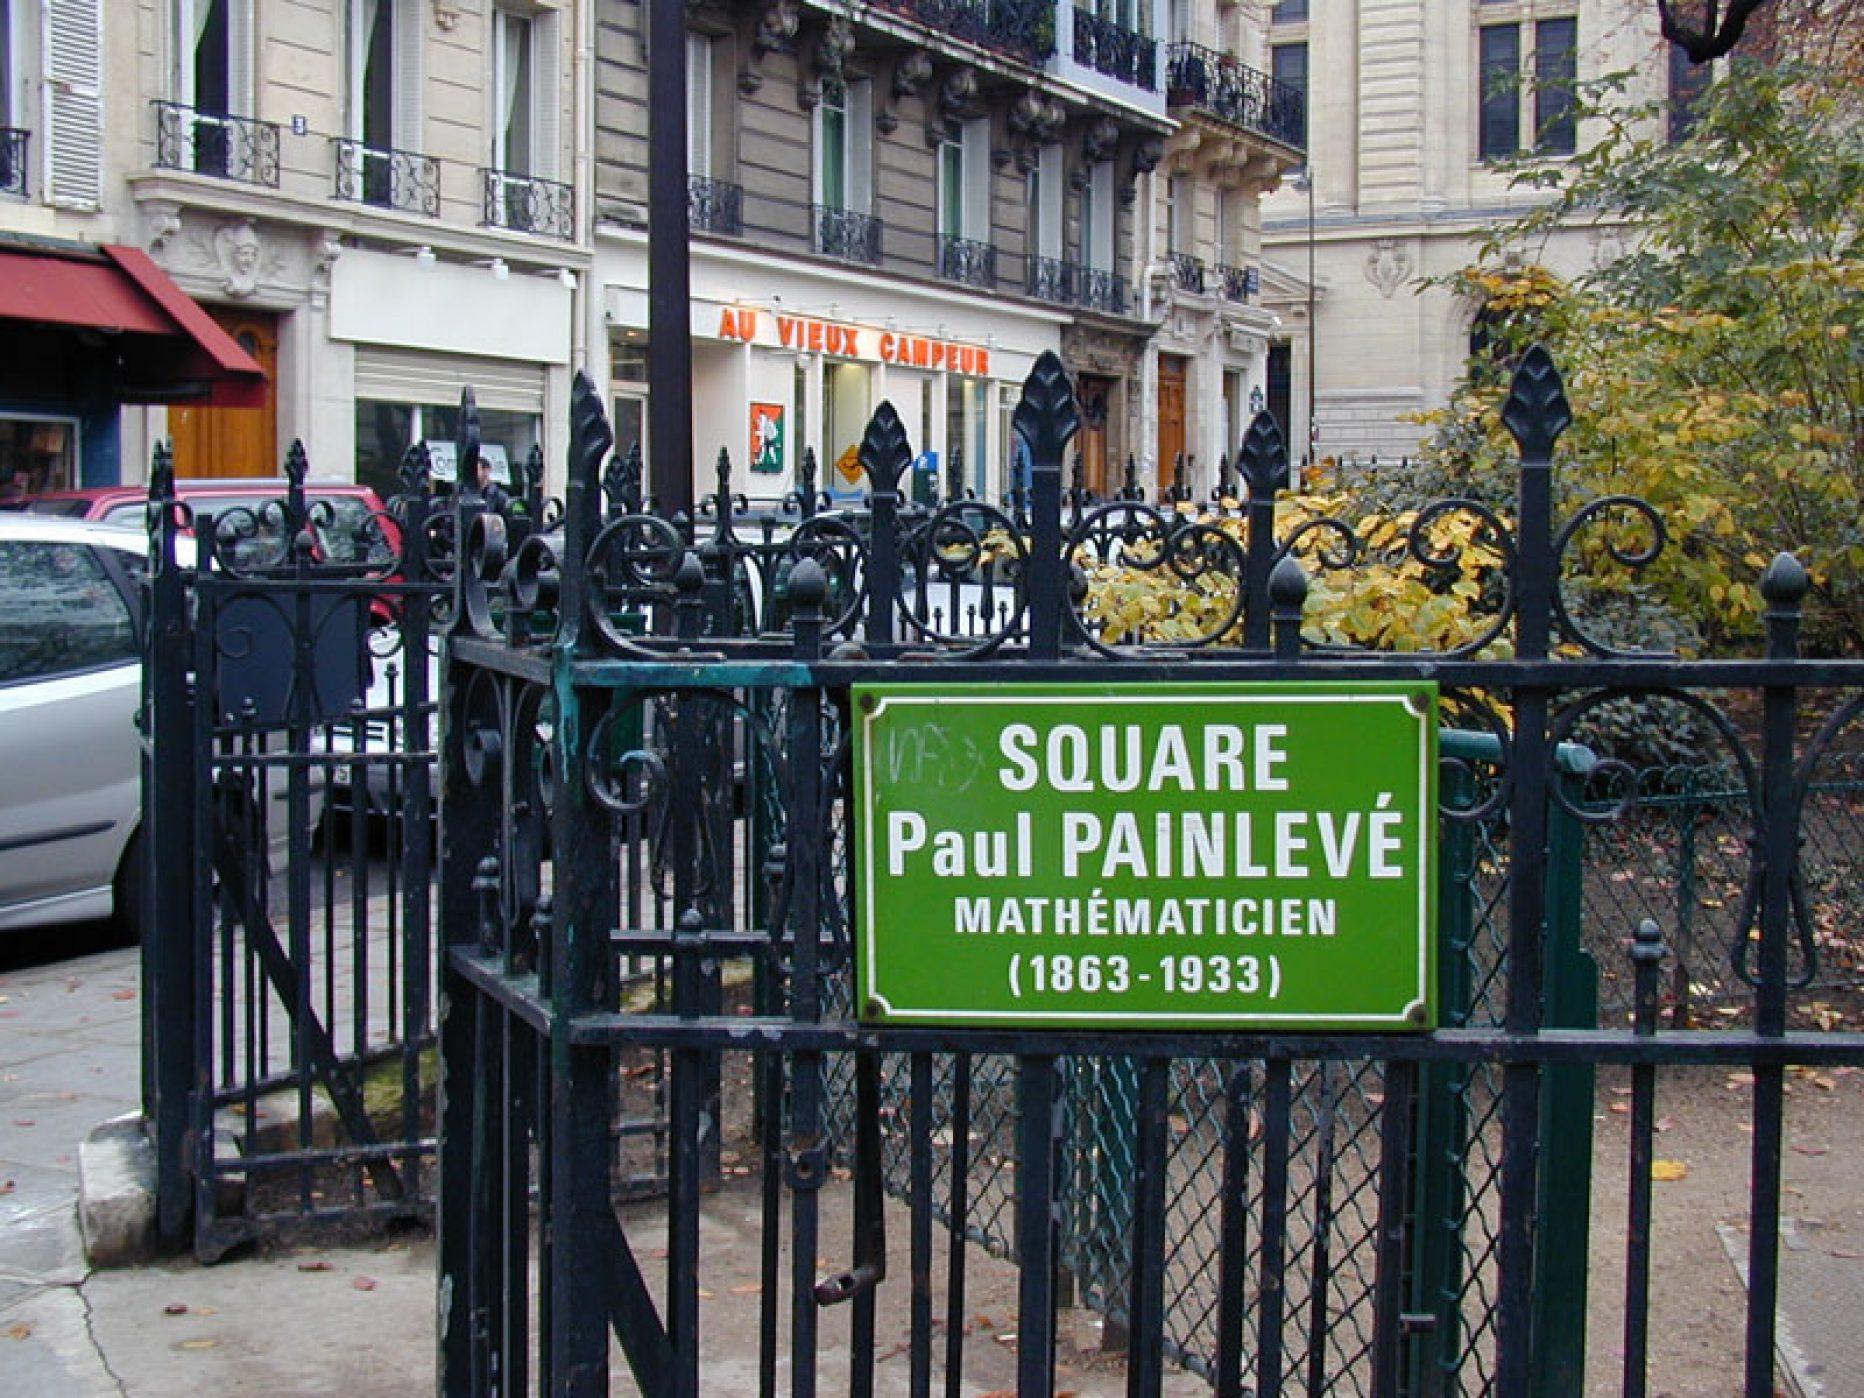 Square Paul Painlevé